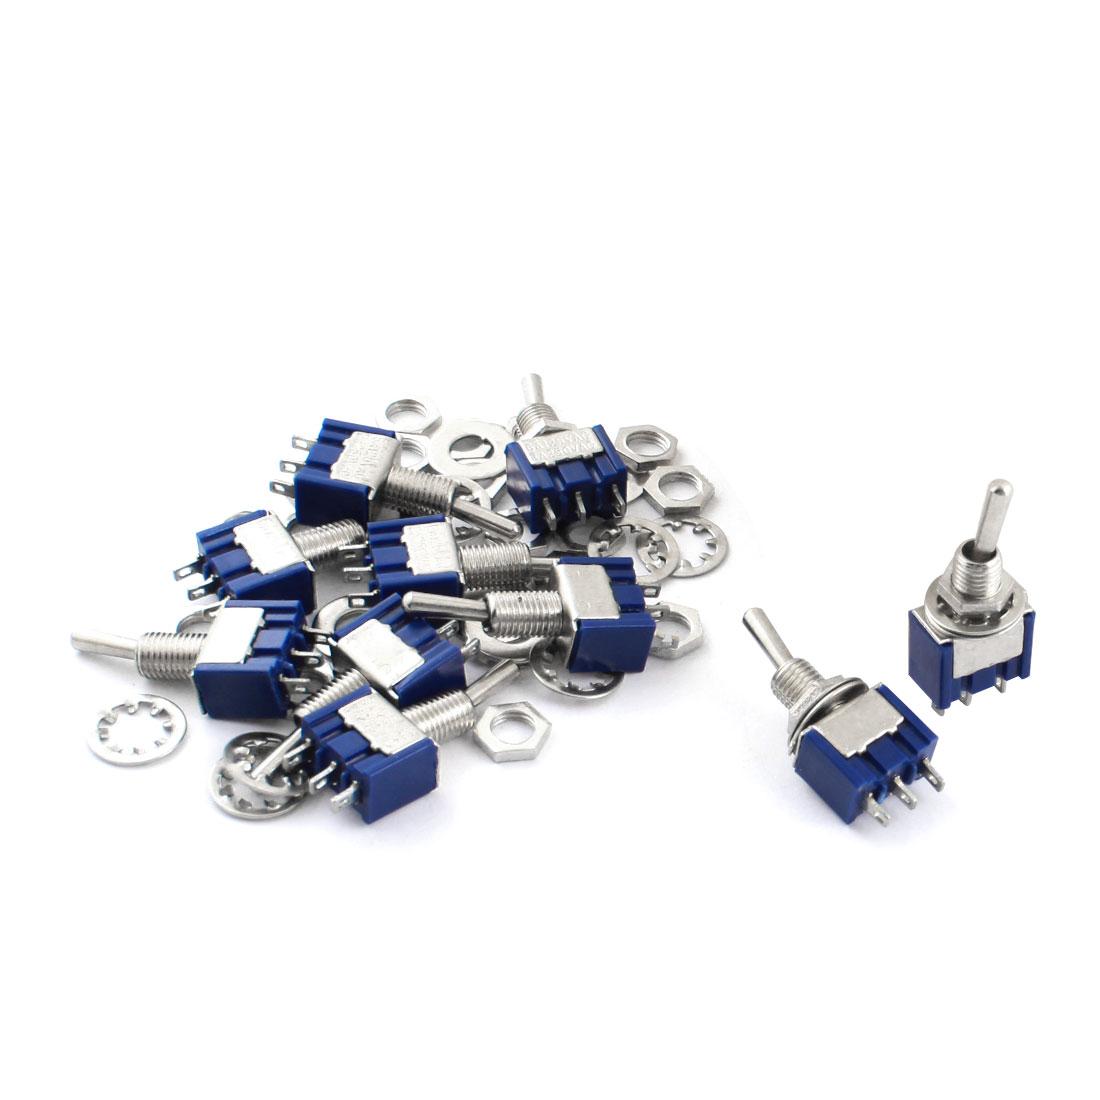 10pcs AC250V 3A AC125V 6A 6mm Mount 3 Way On/Off/On SPDT Toggle Switch